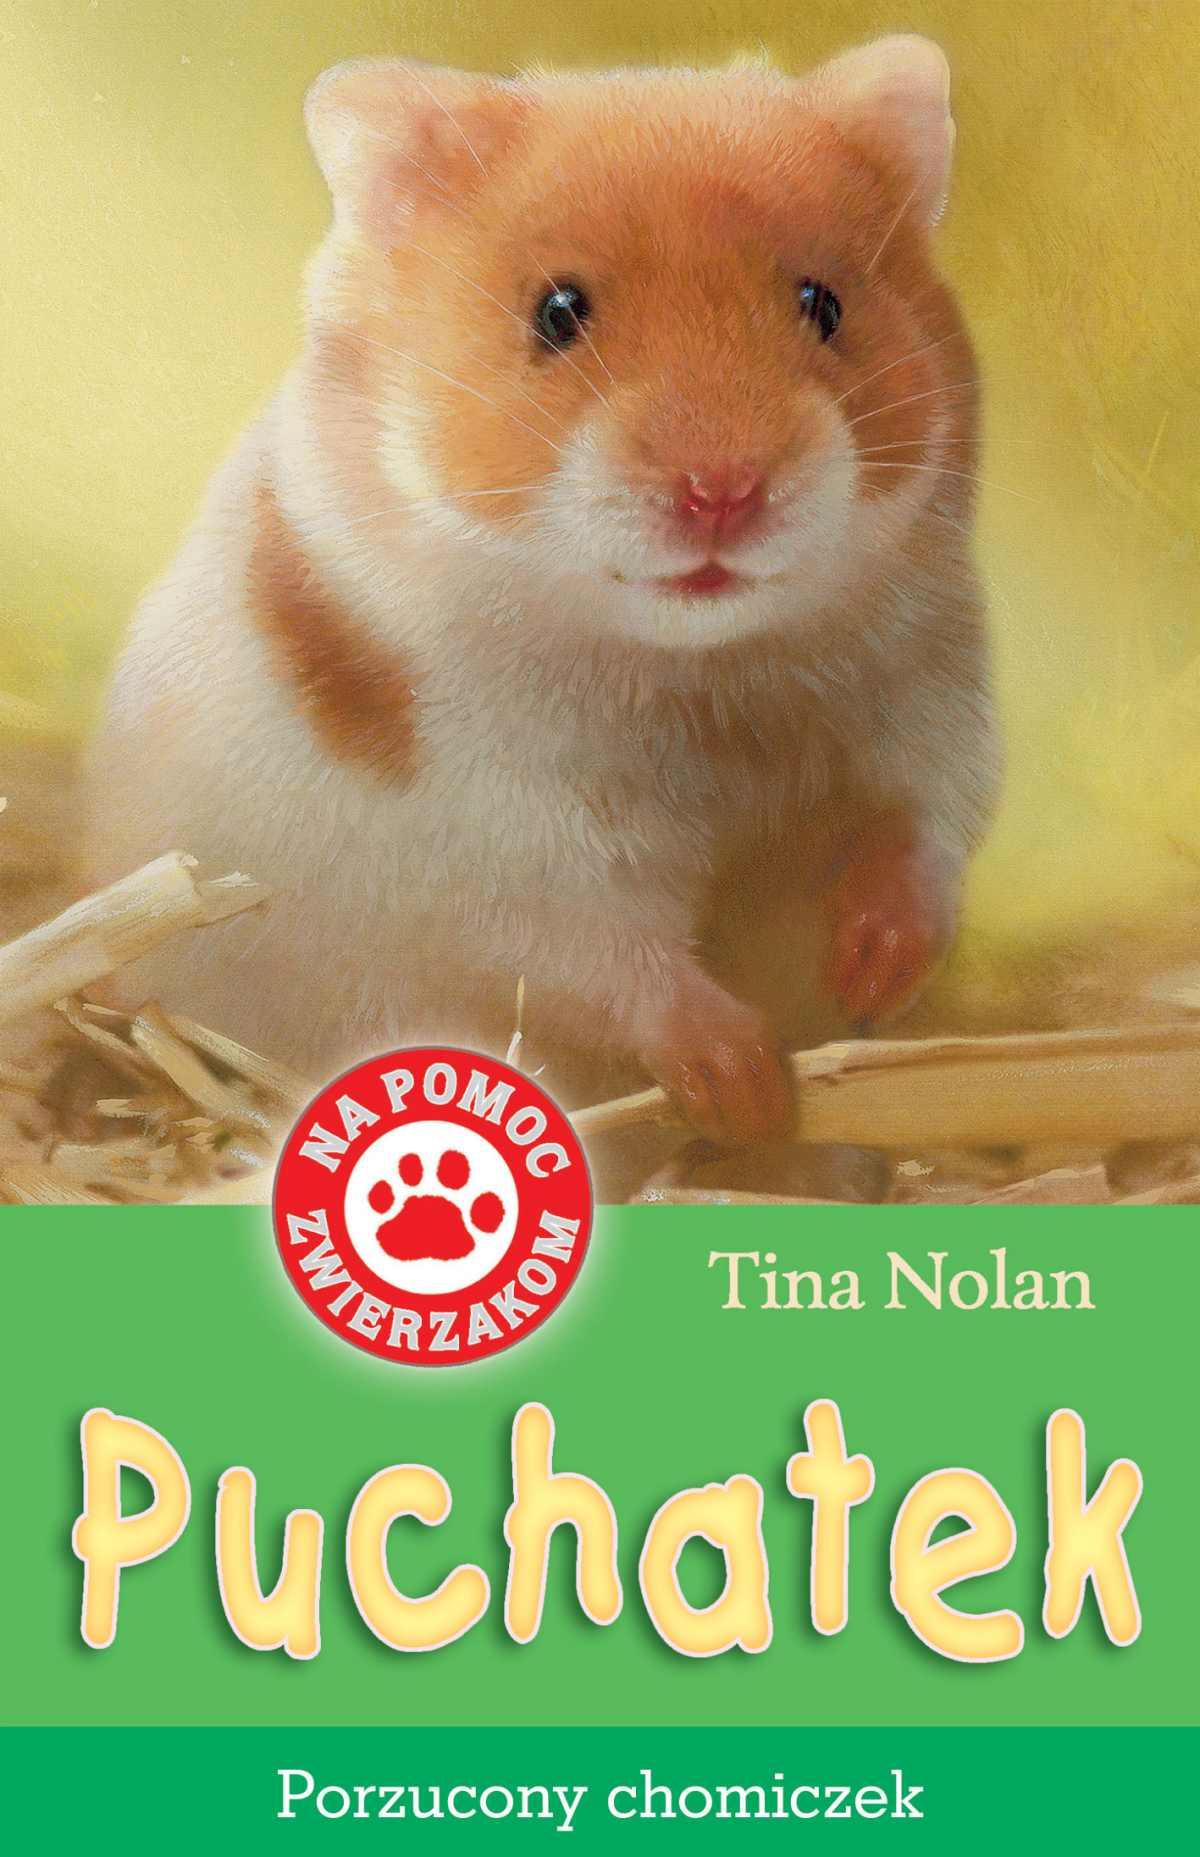 Puchatek, porzucony chomiczek - Ebook (Książka na Kindle) do pobrania w formacie MOBI